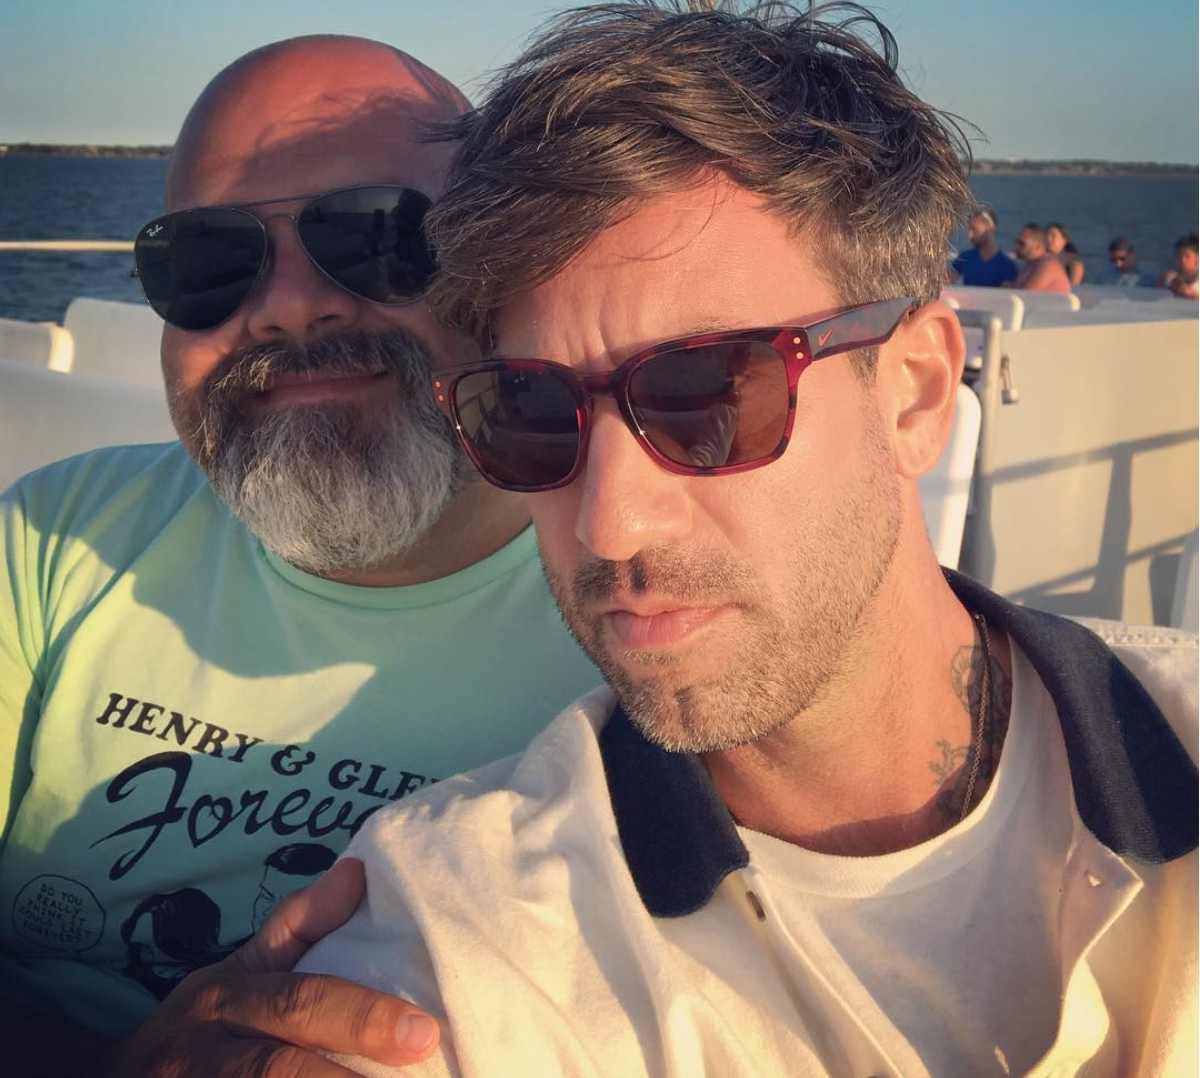 gay pro skateboarder brian anderson's boyfriend   BOARD RAP